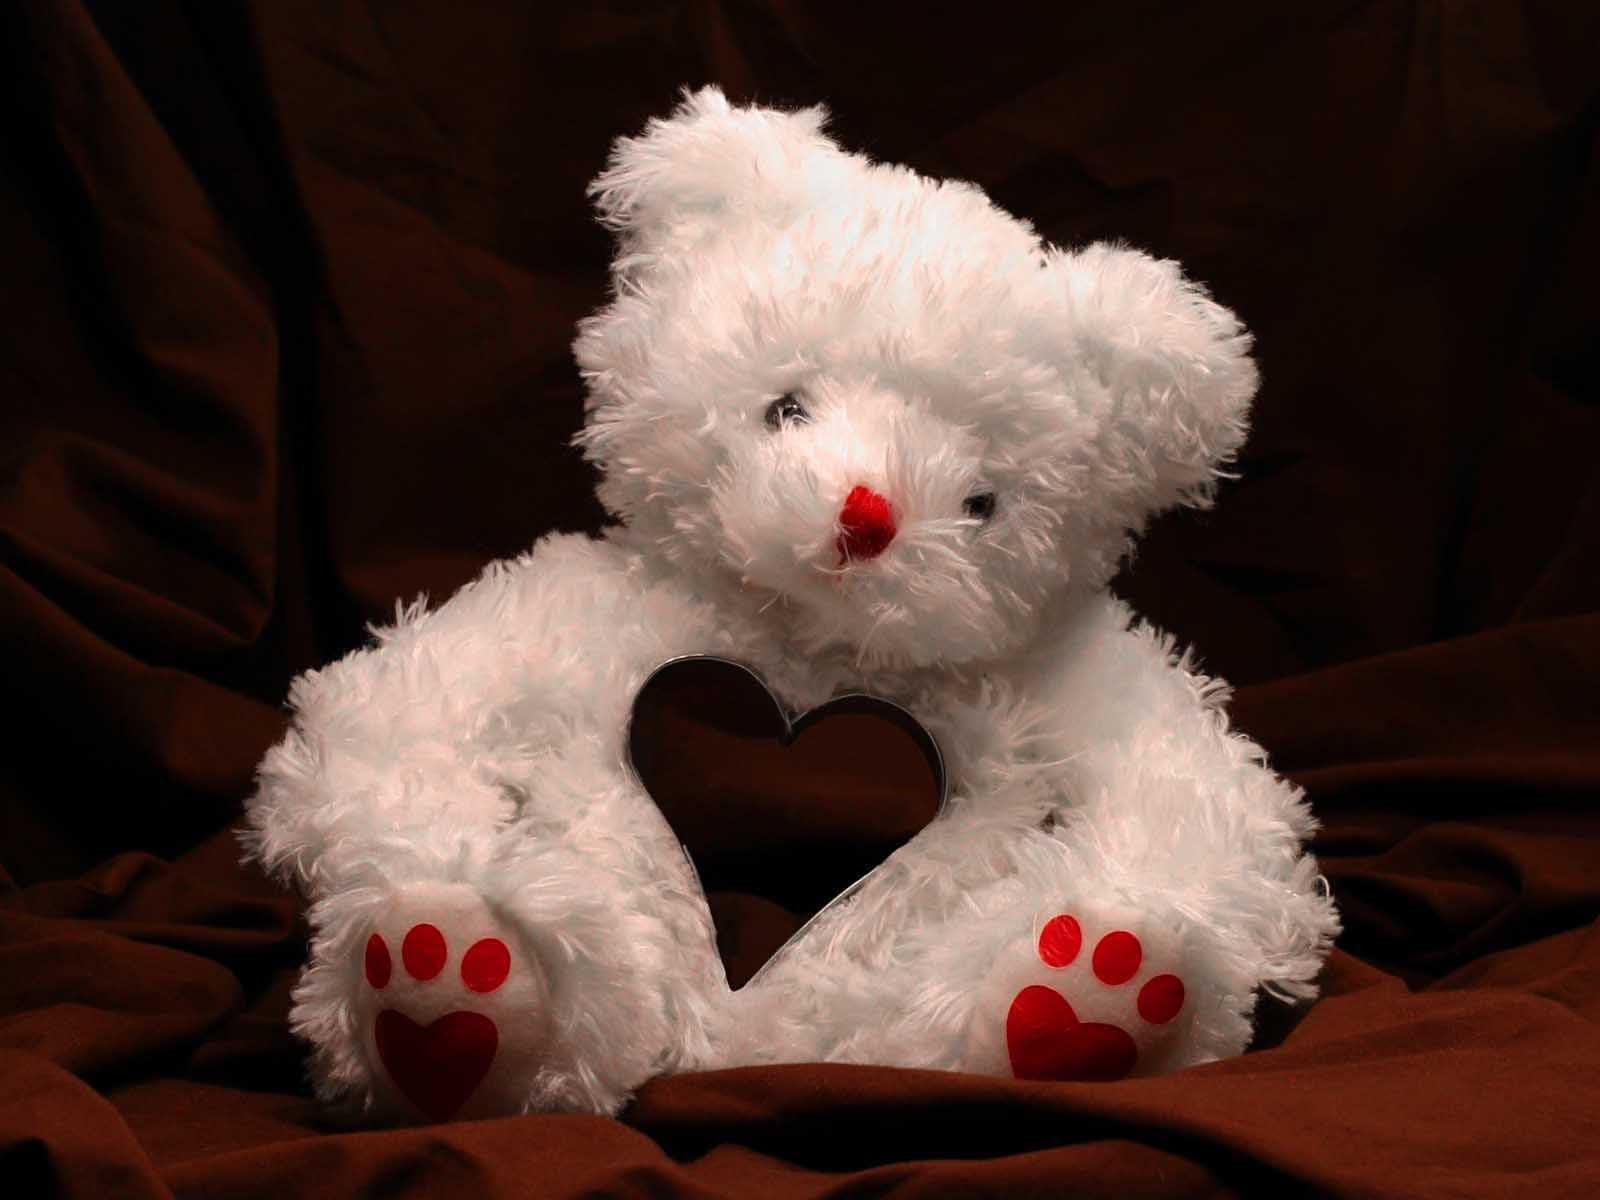 Love-White-Teddy-Bear-Wallpaper